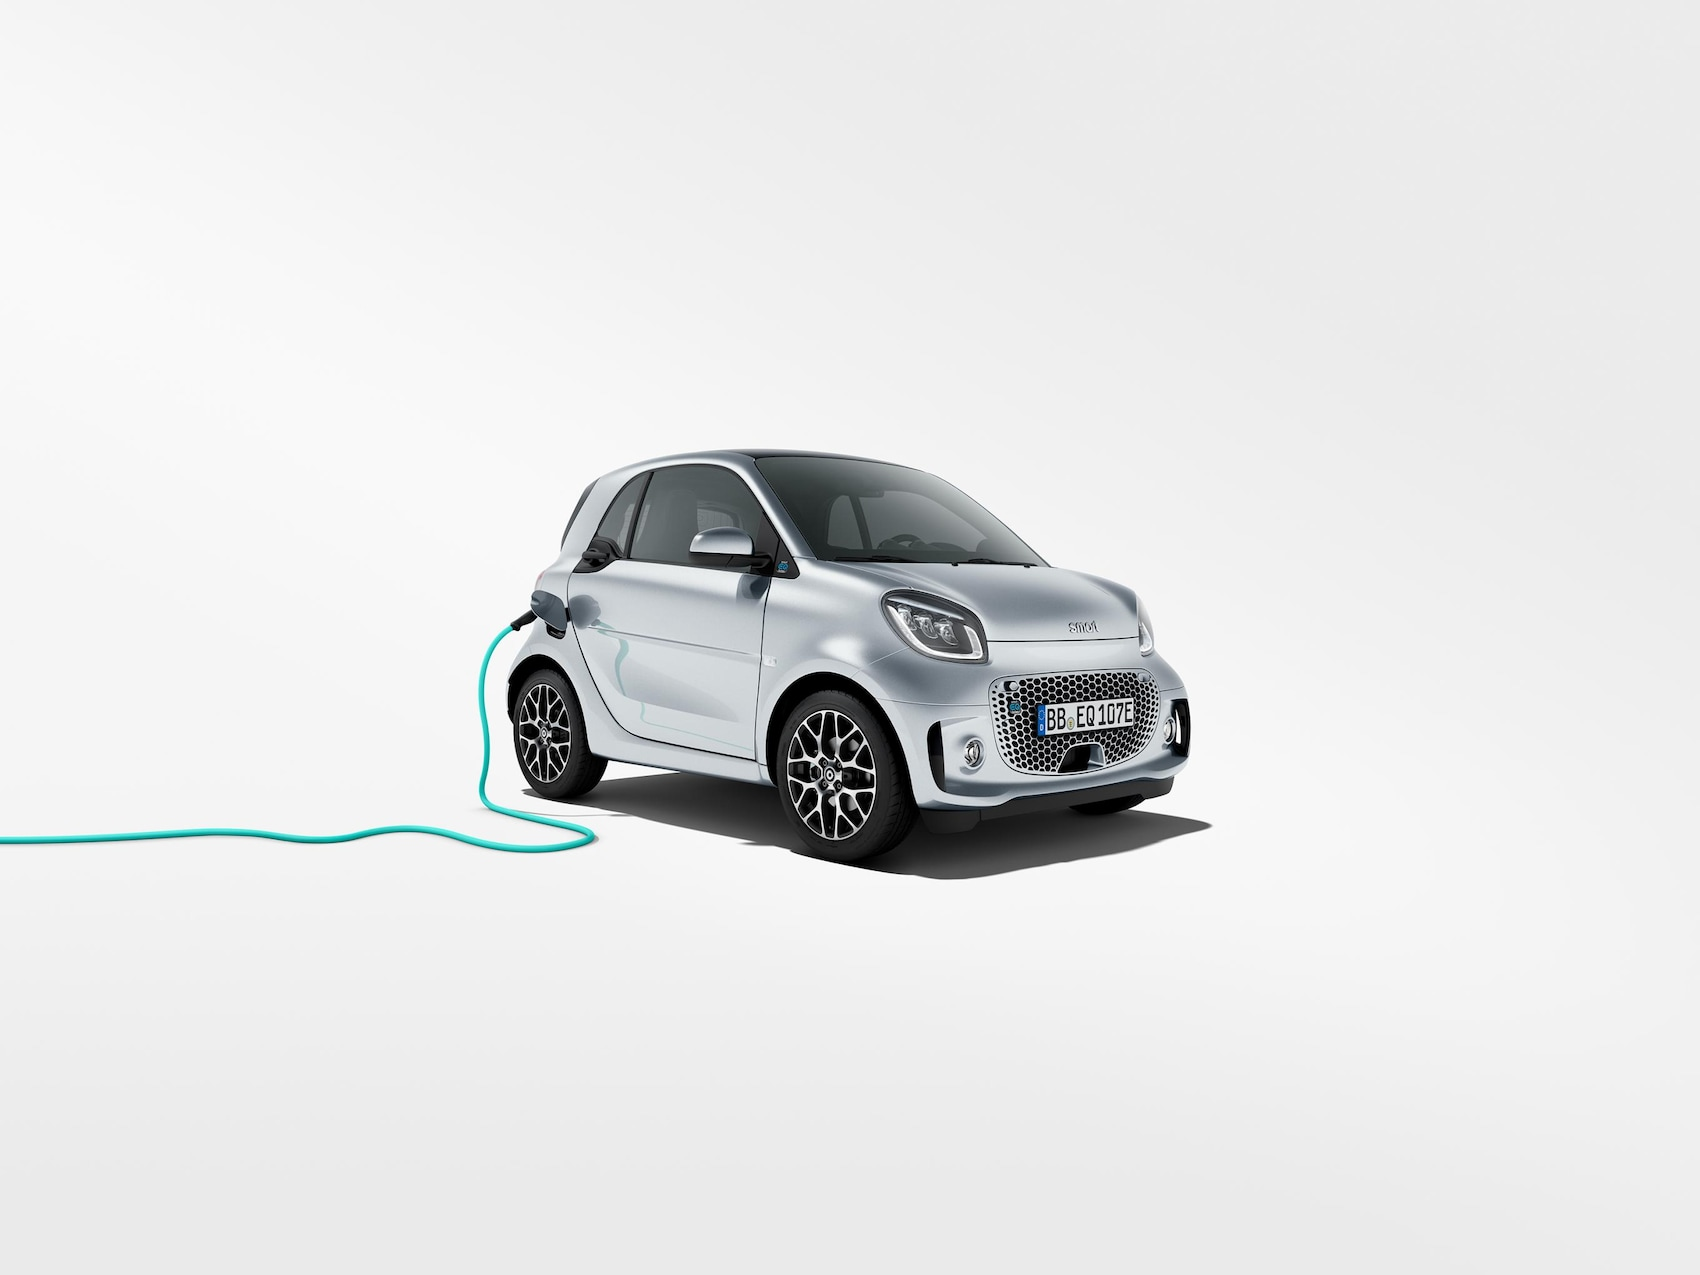 Modelul smart EQ fortwo argintiu cu cablu de încărcare turcoaz